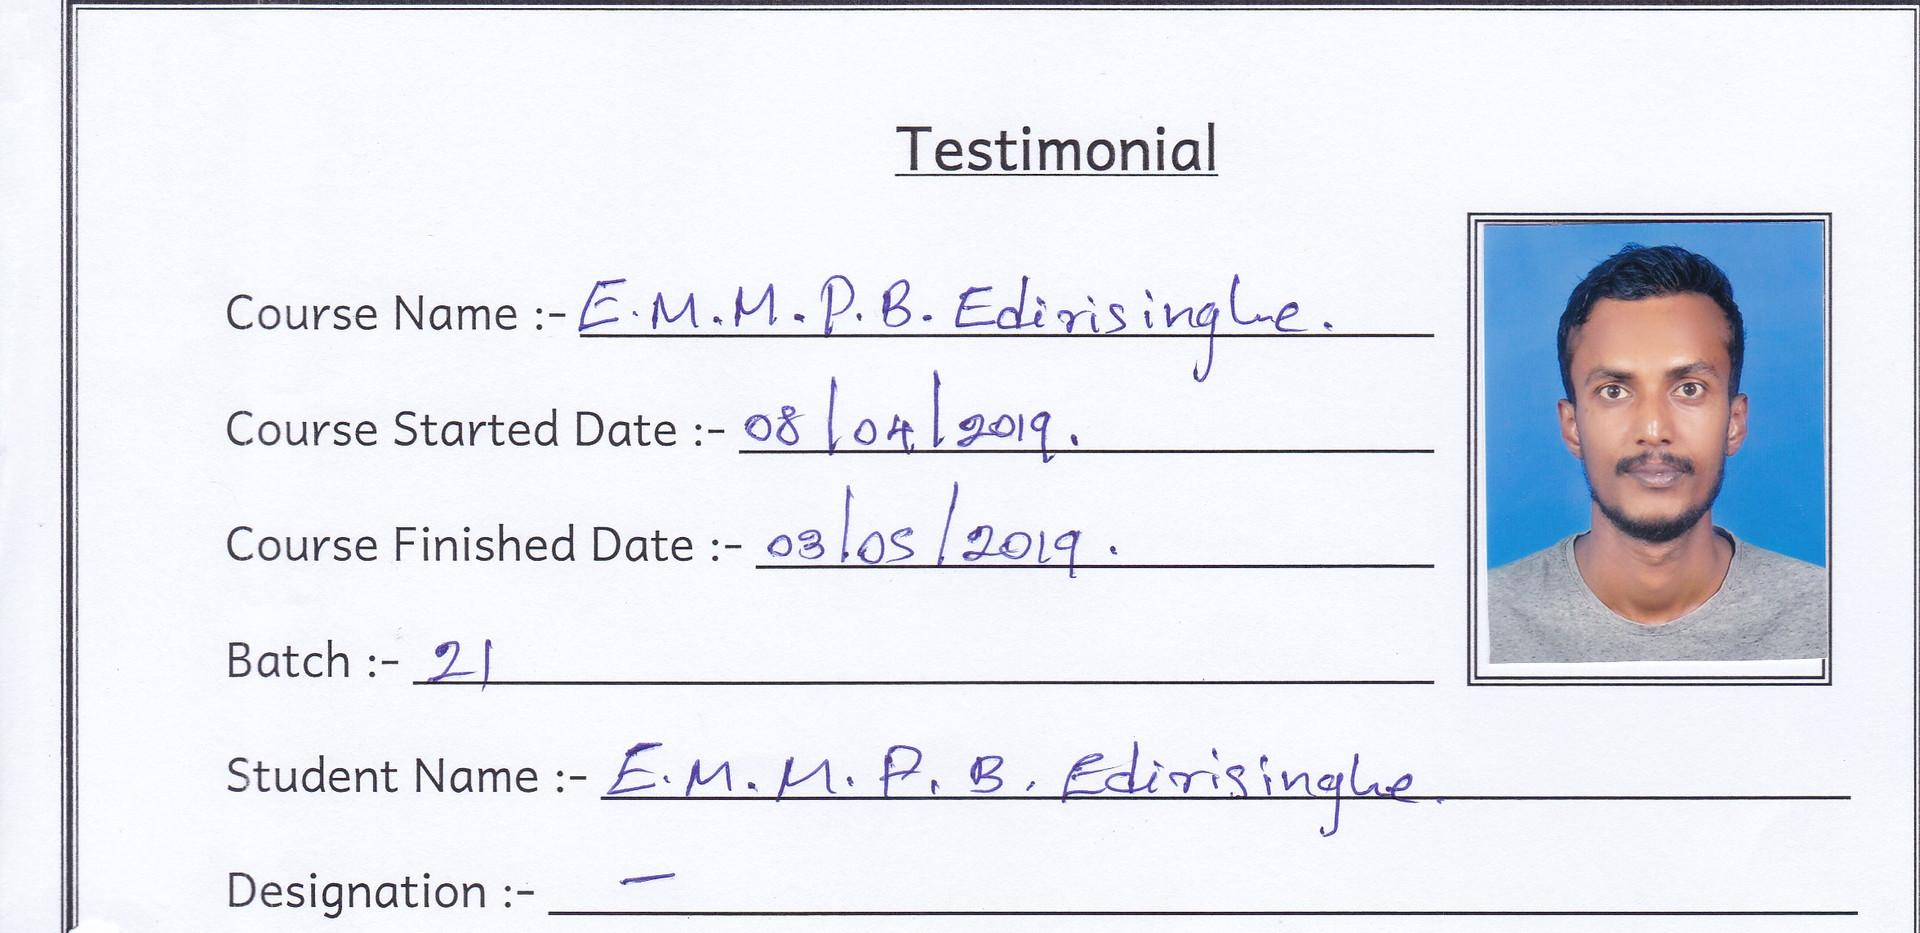 E.M.M.P.B Edirisinghe.jpg